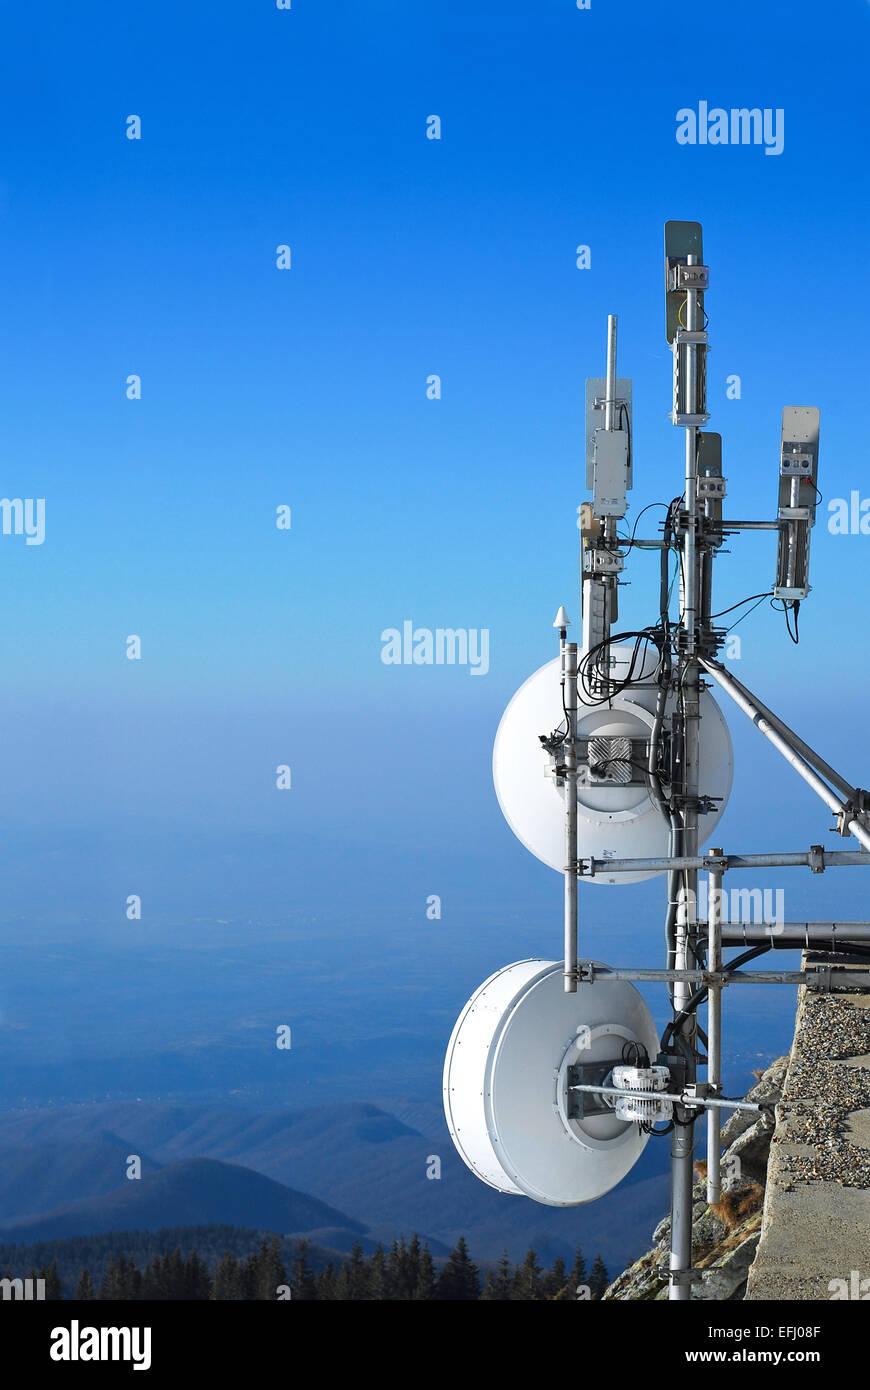 Telekommunikationskonzern Antennen auf Berggipfel Stockbild